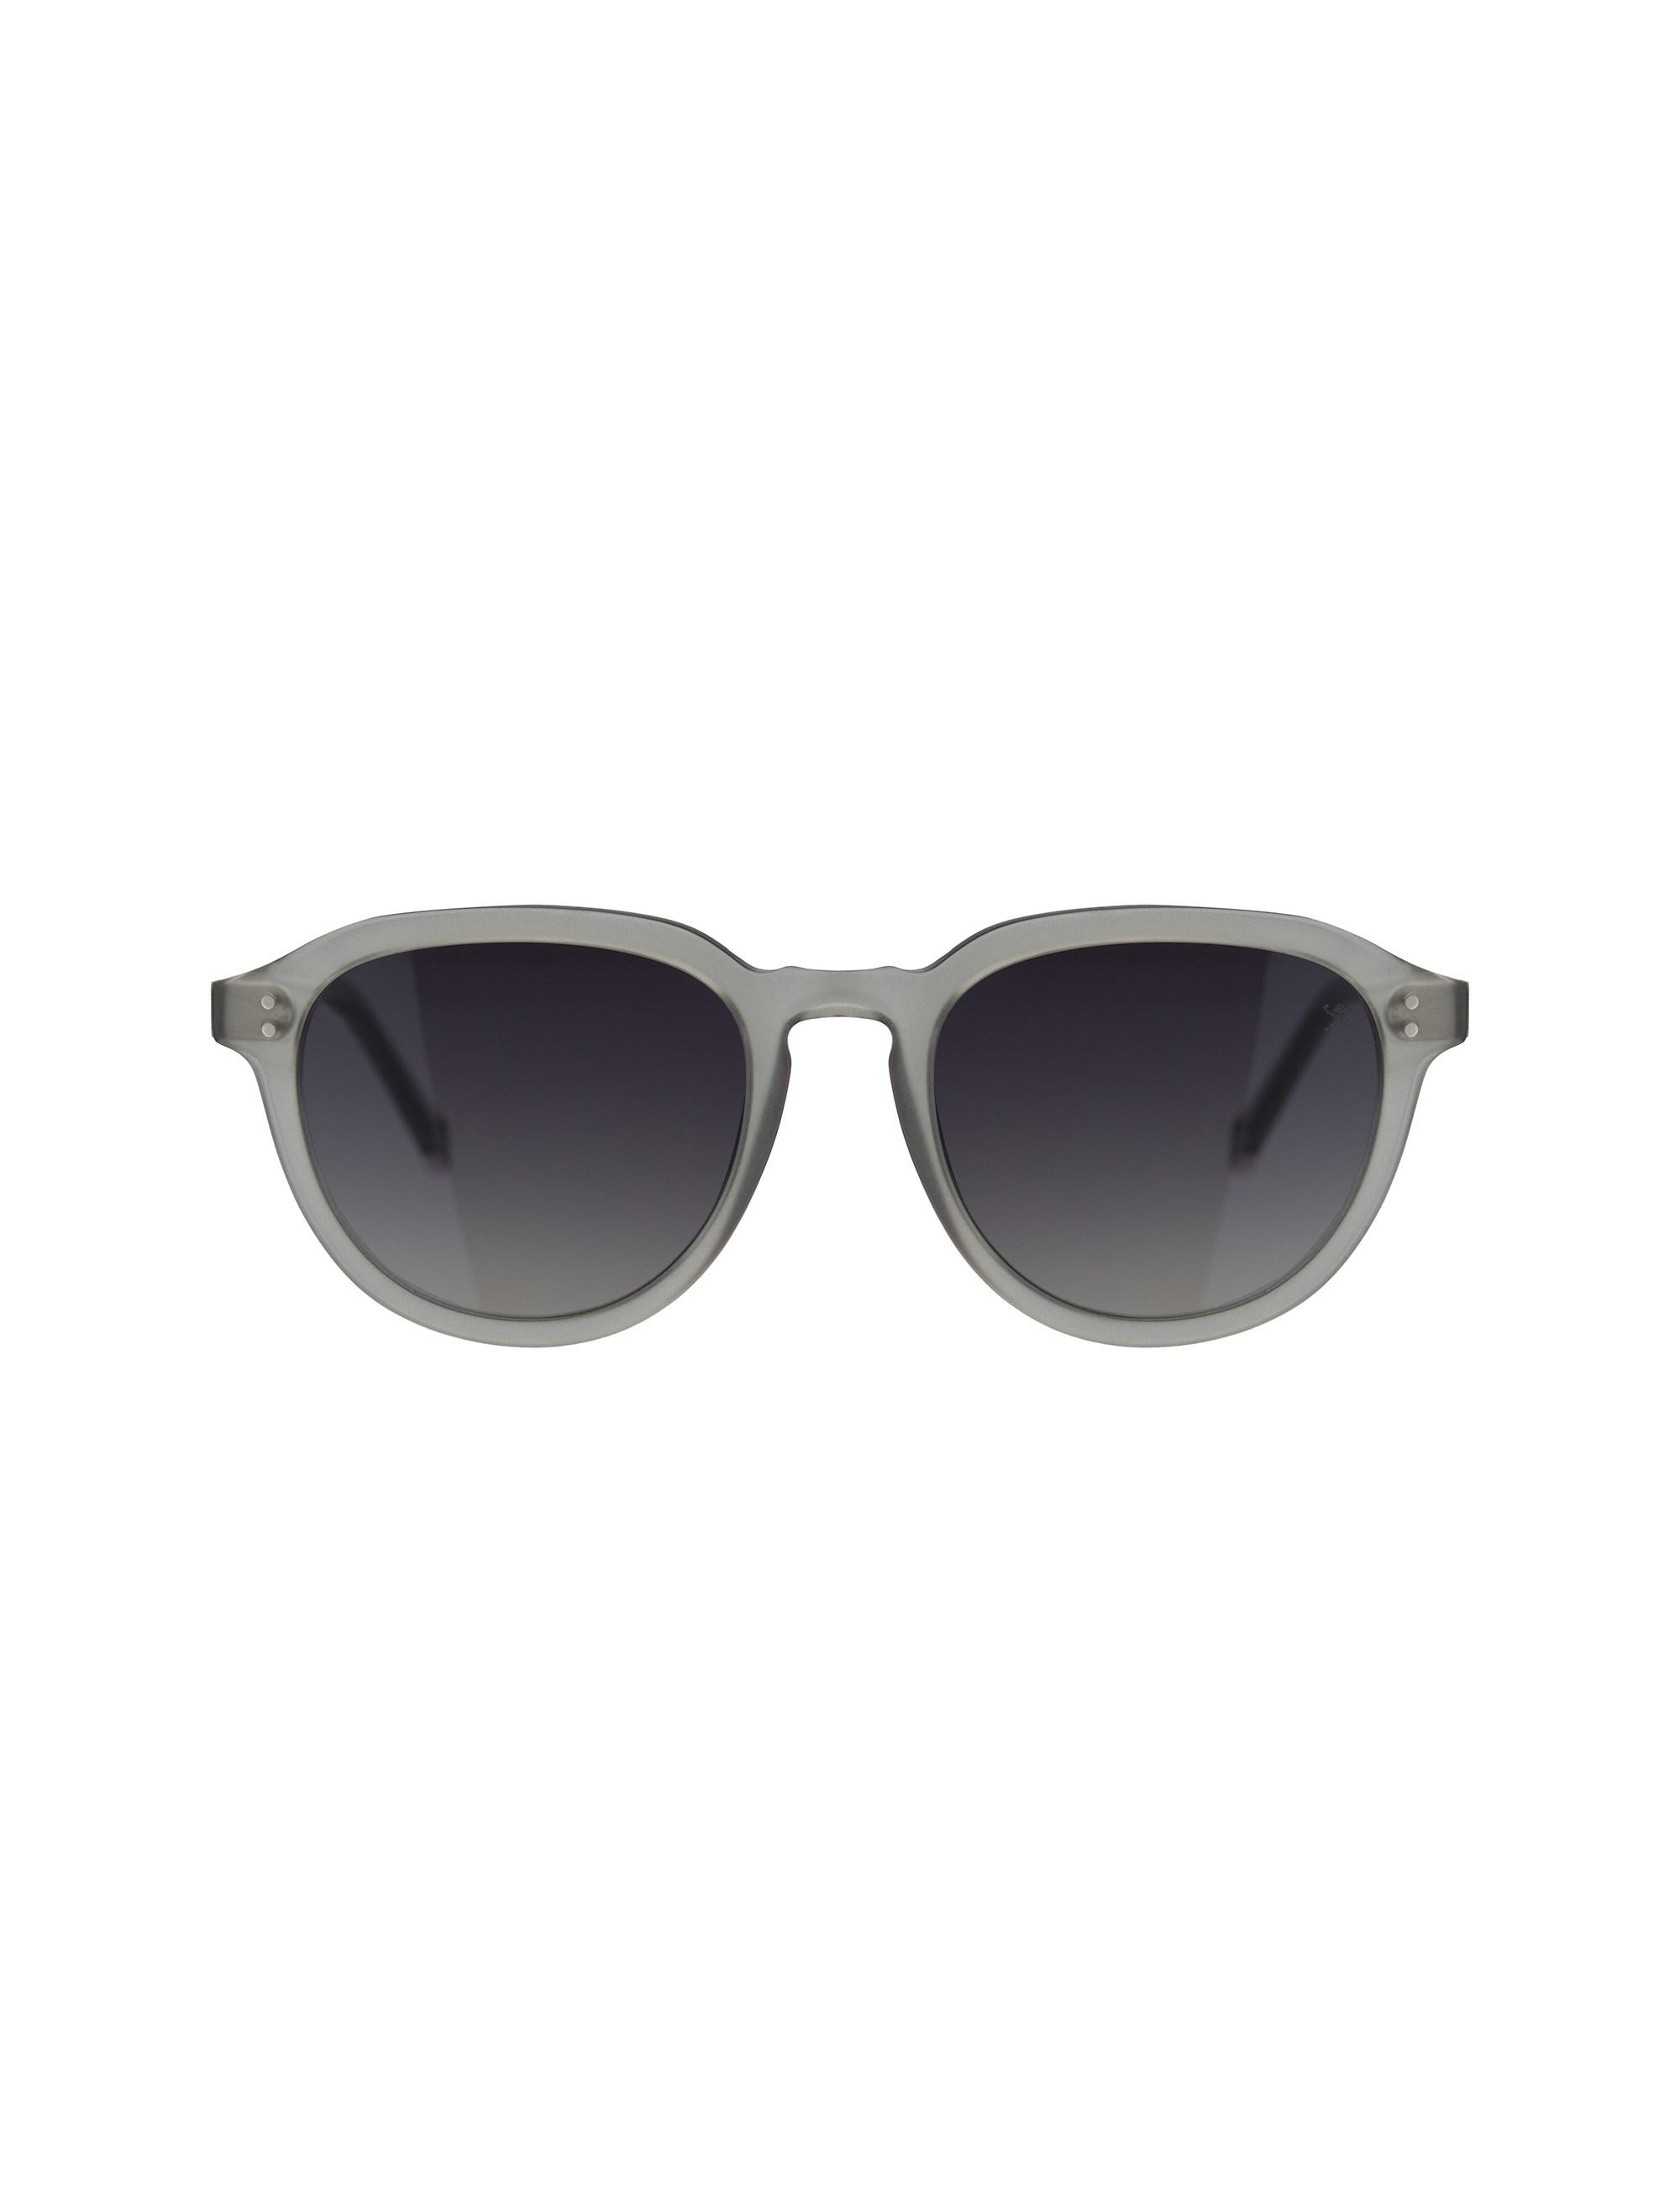 عینک آفتابی پنتوس زنانه - هکت